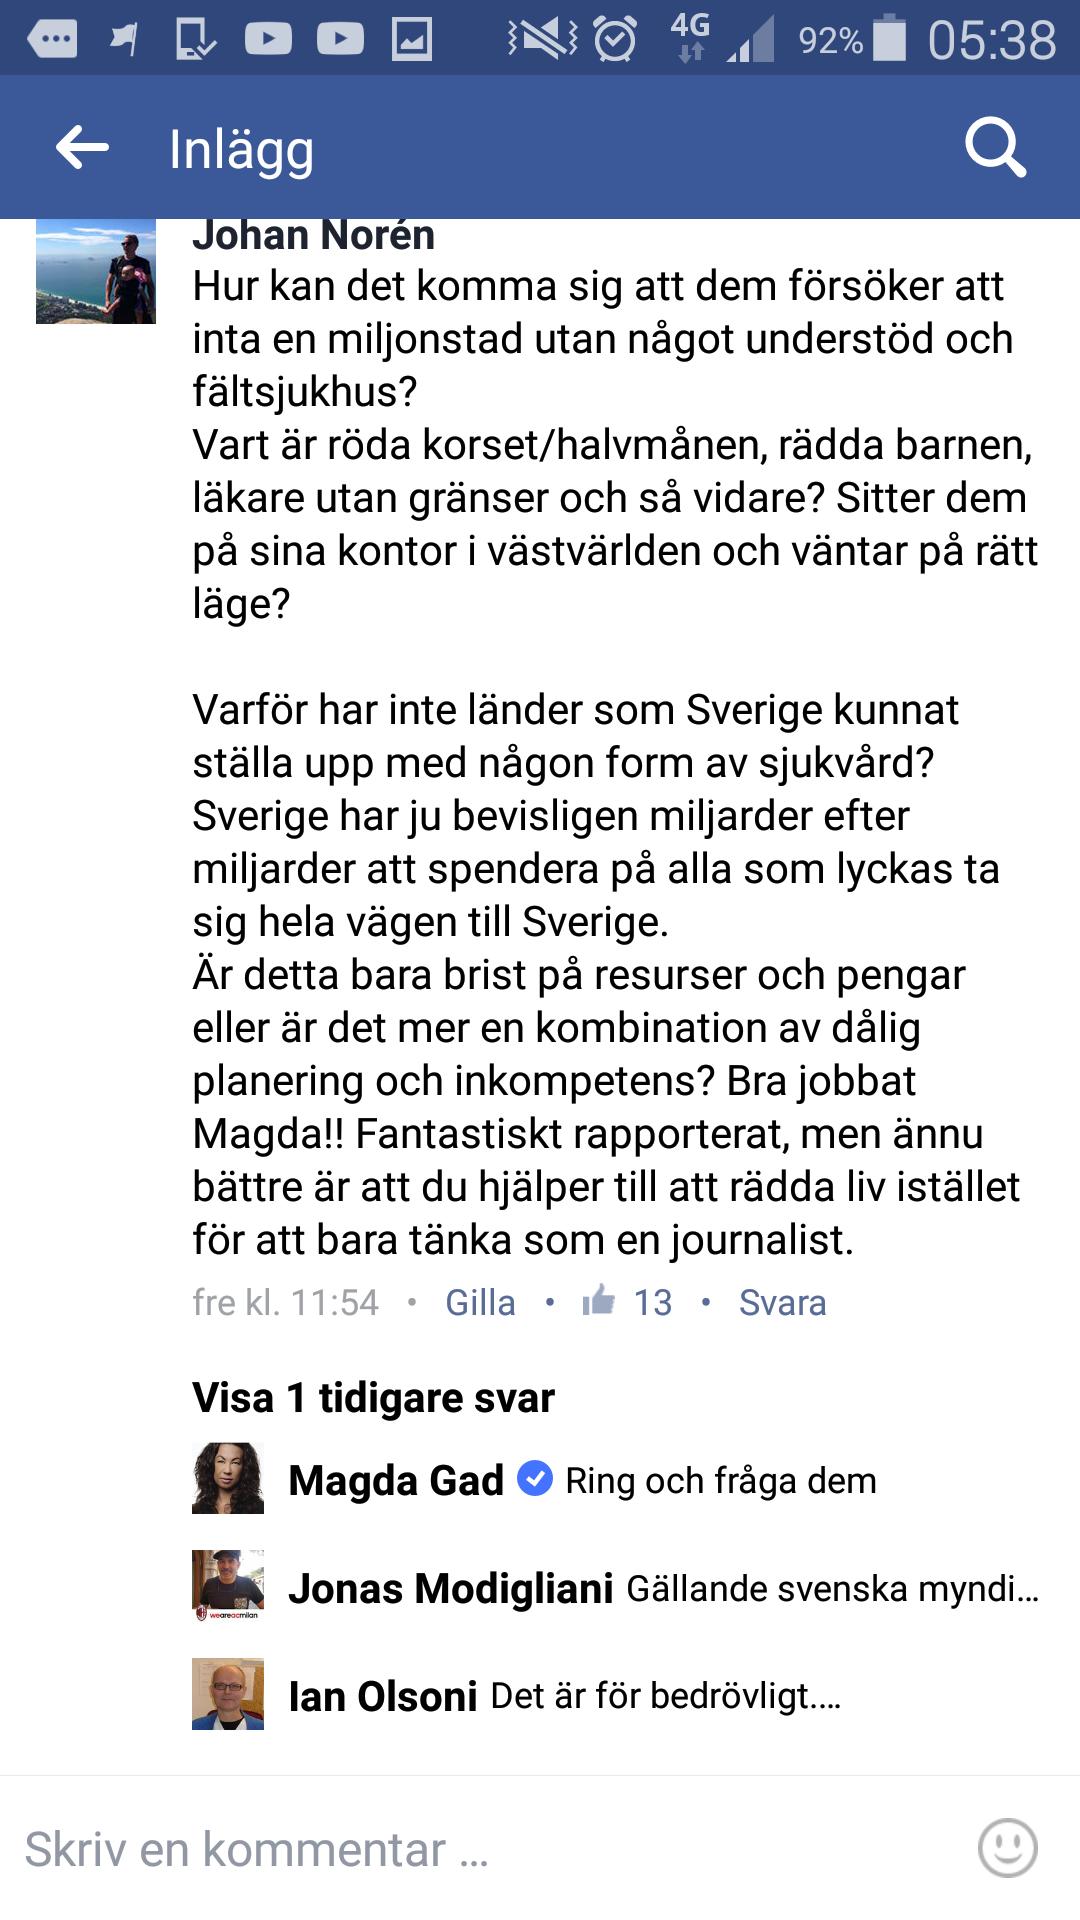 Sverige skanker faltsjukhus till fn